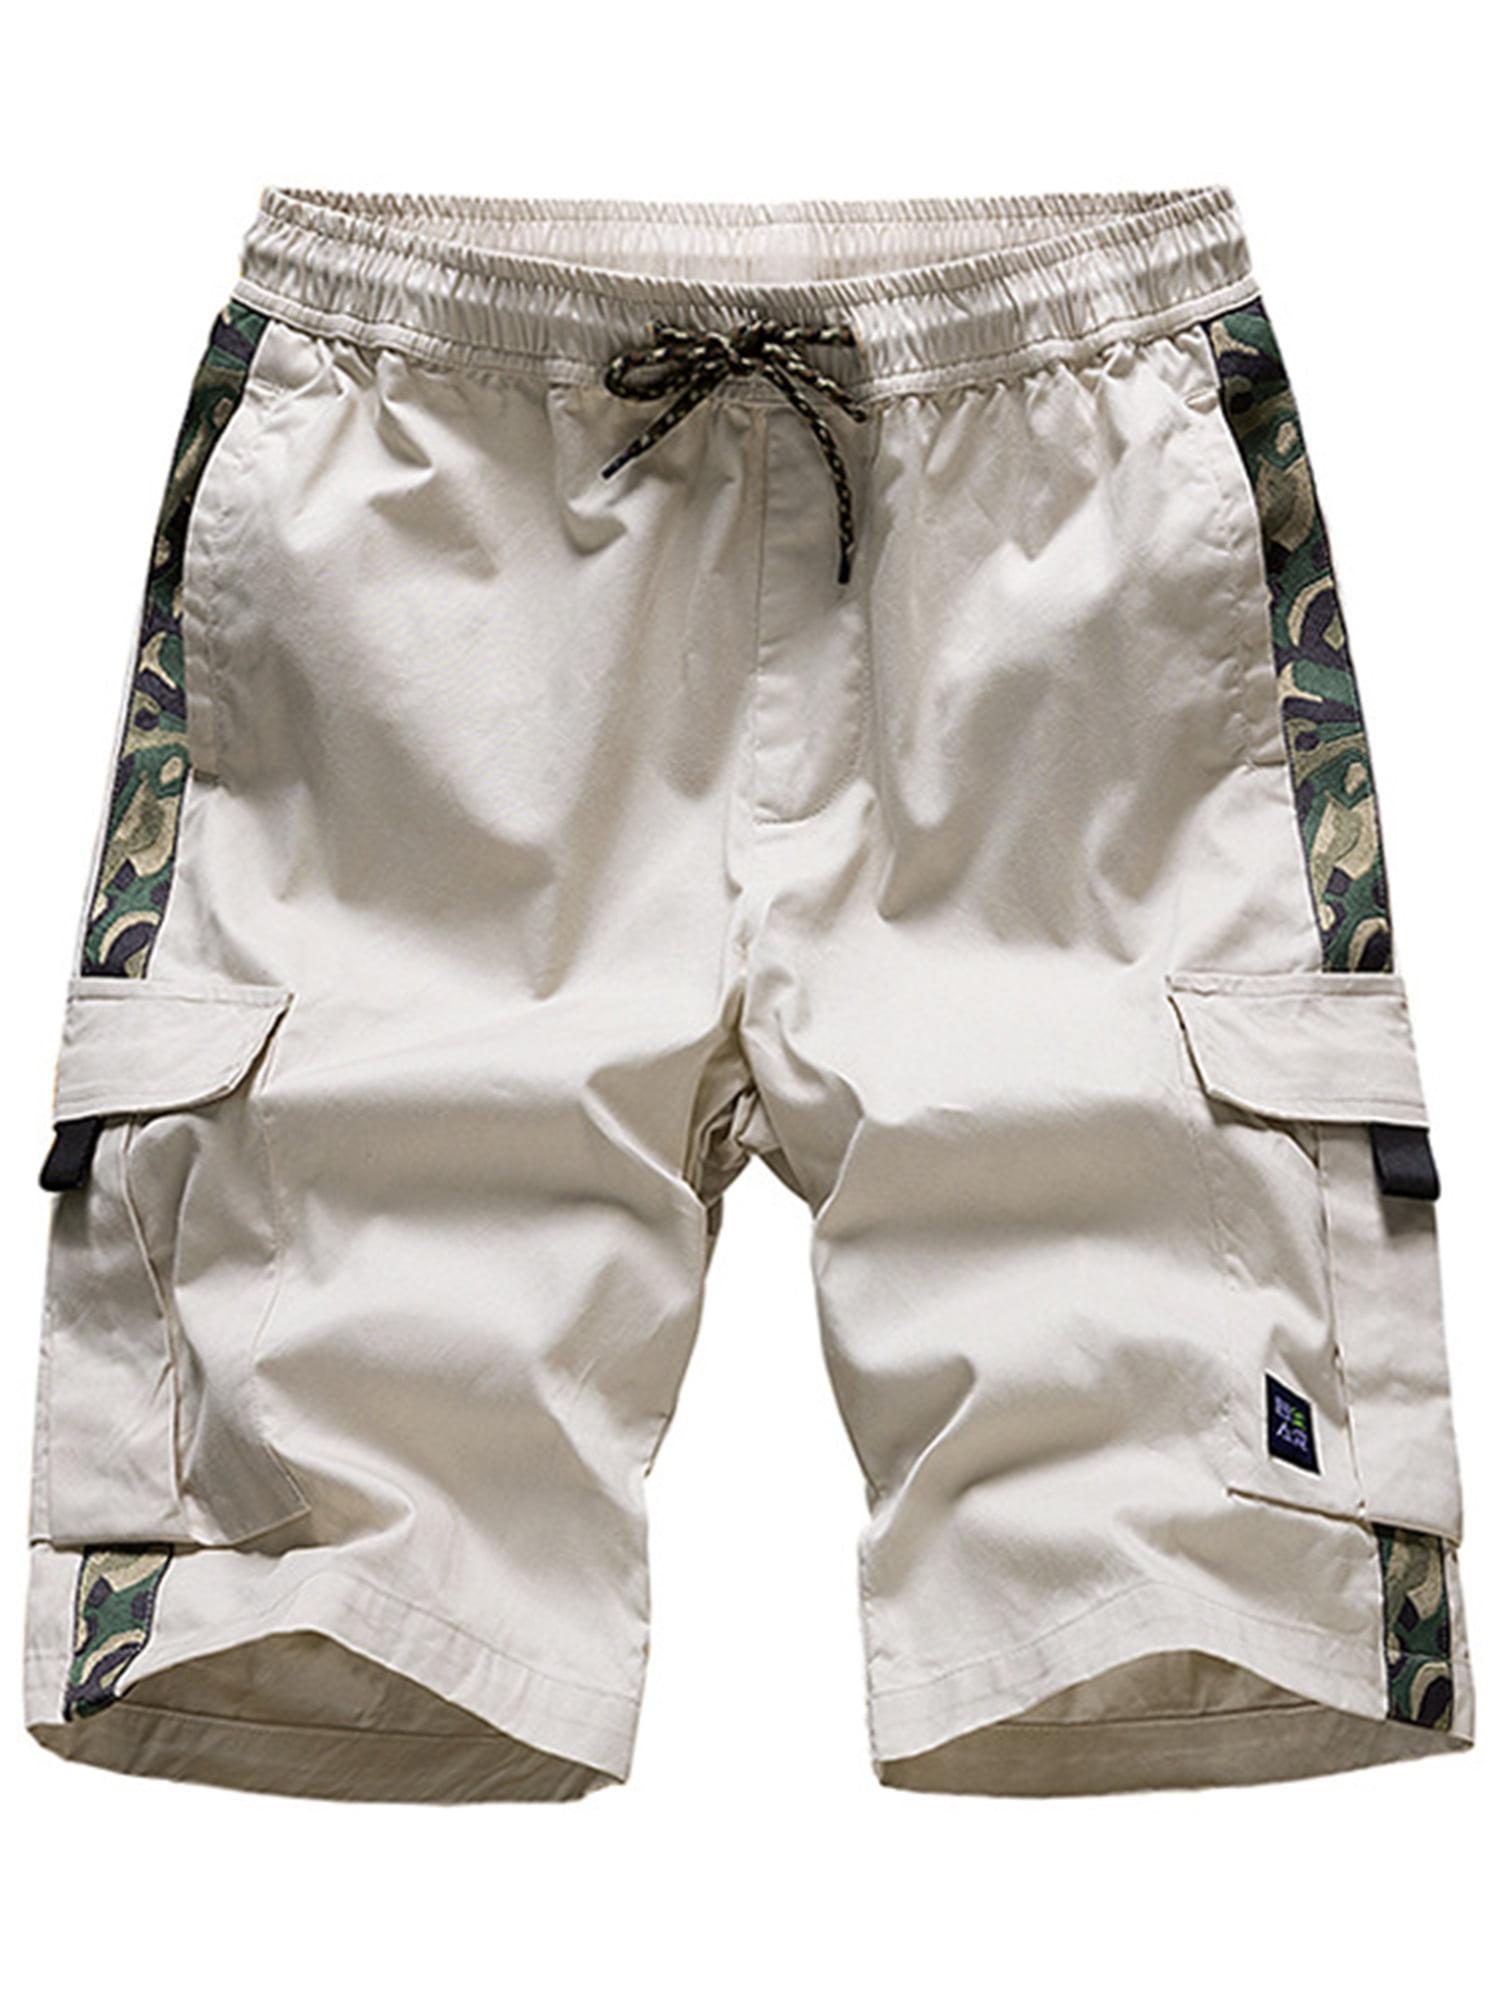 Mens Summer Drawstring Elastic Waist Half Pants Casual Cargo Chino Sweat Shorts